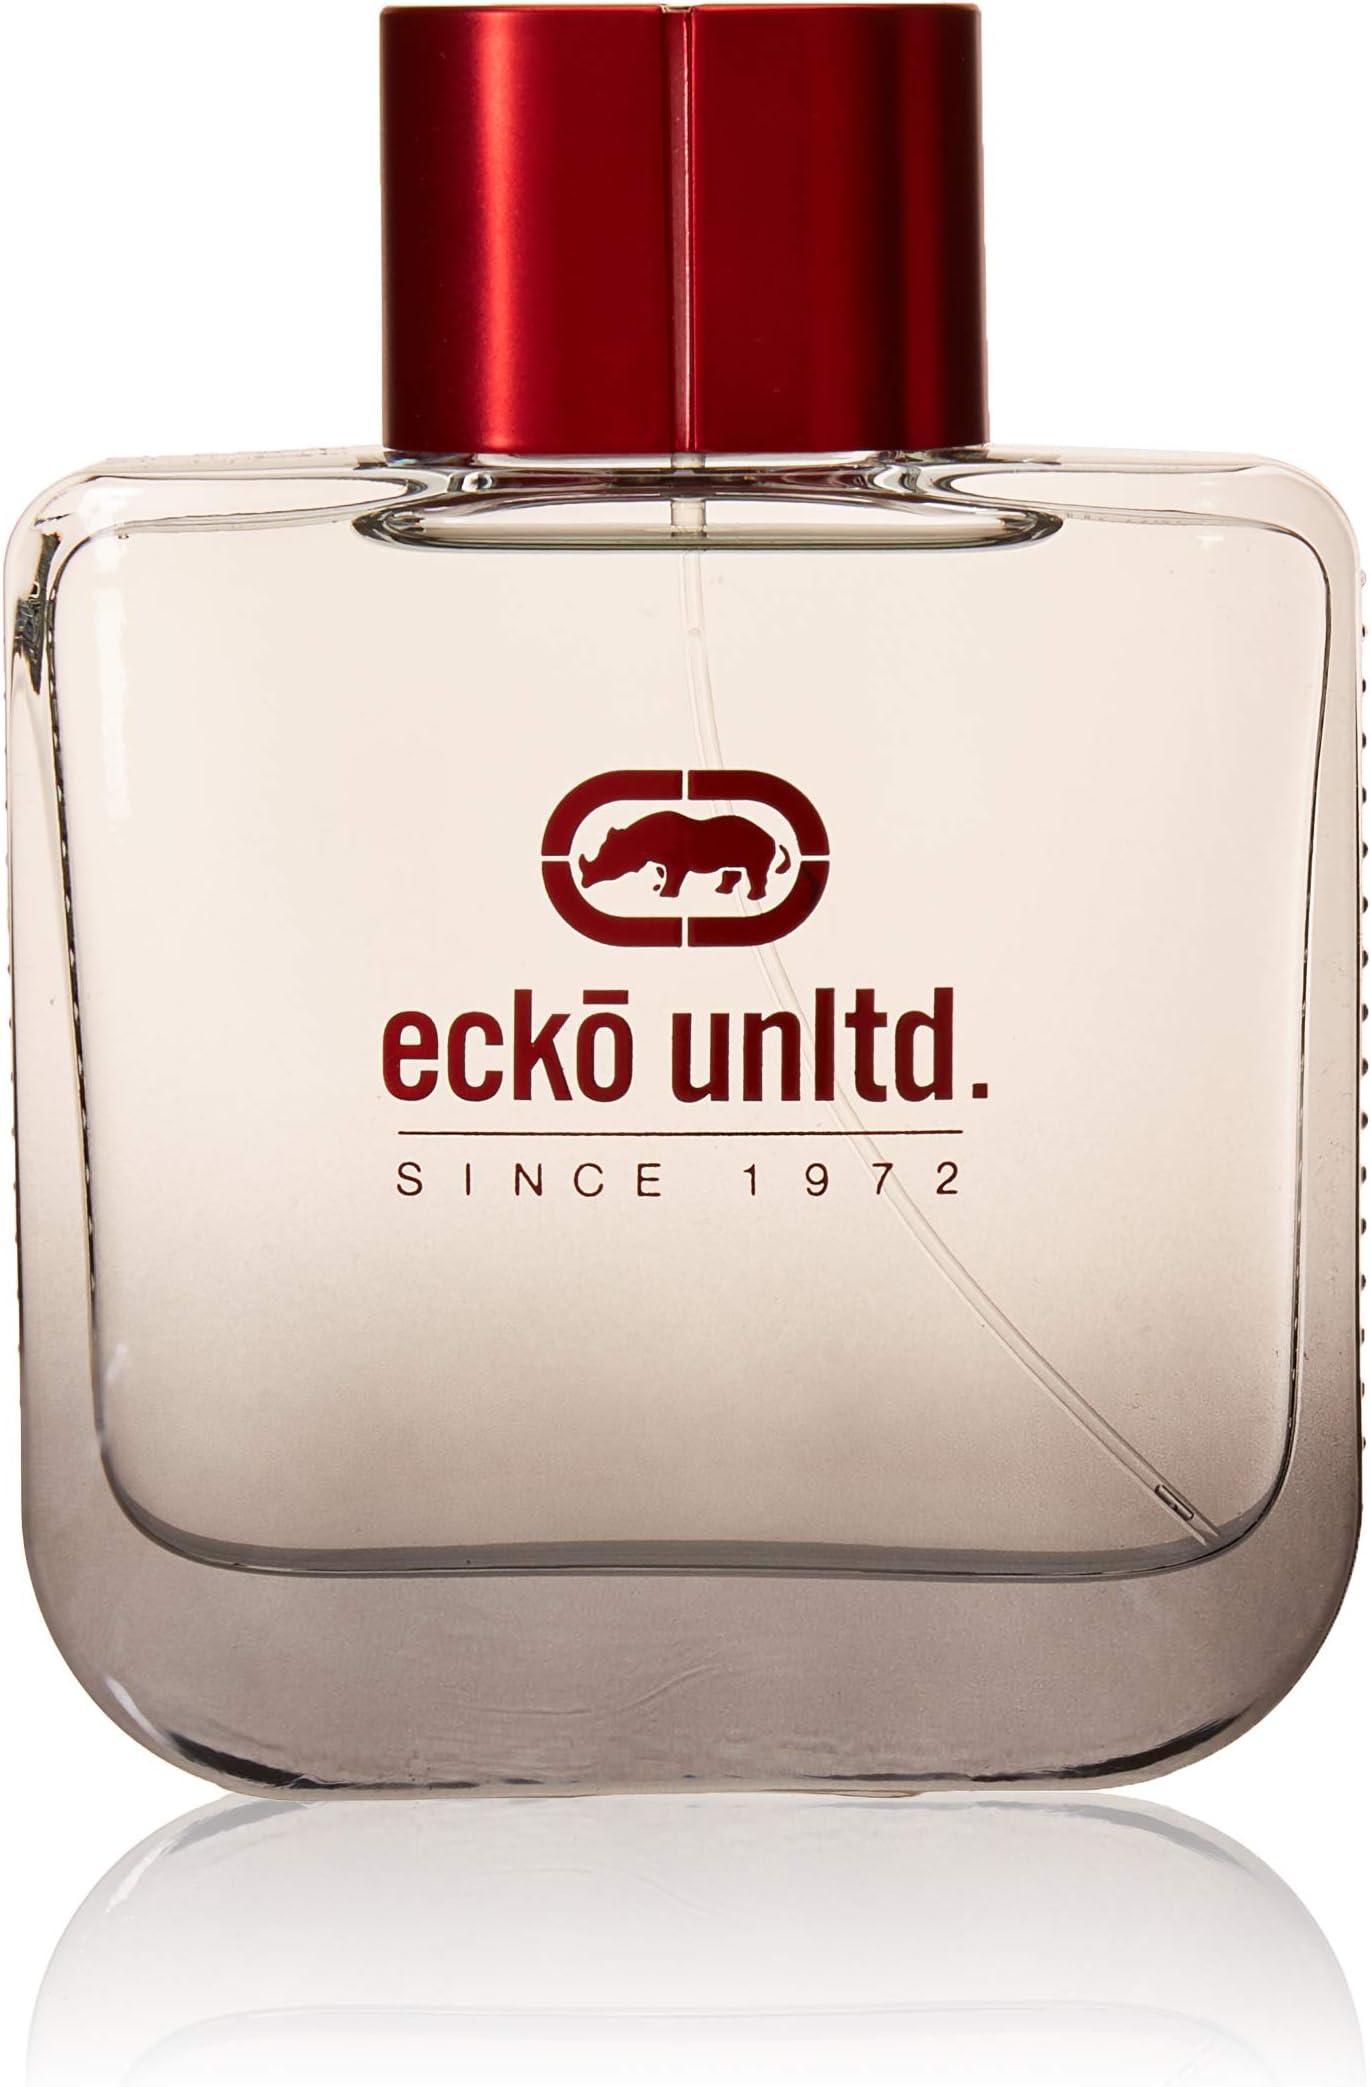 Ecko Unlimited Mens Denver Racer